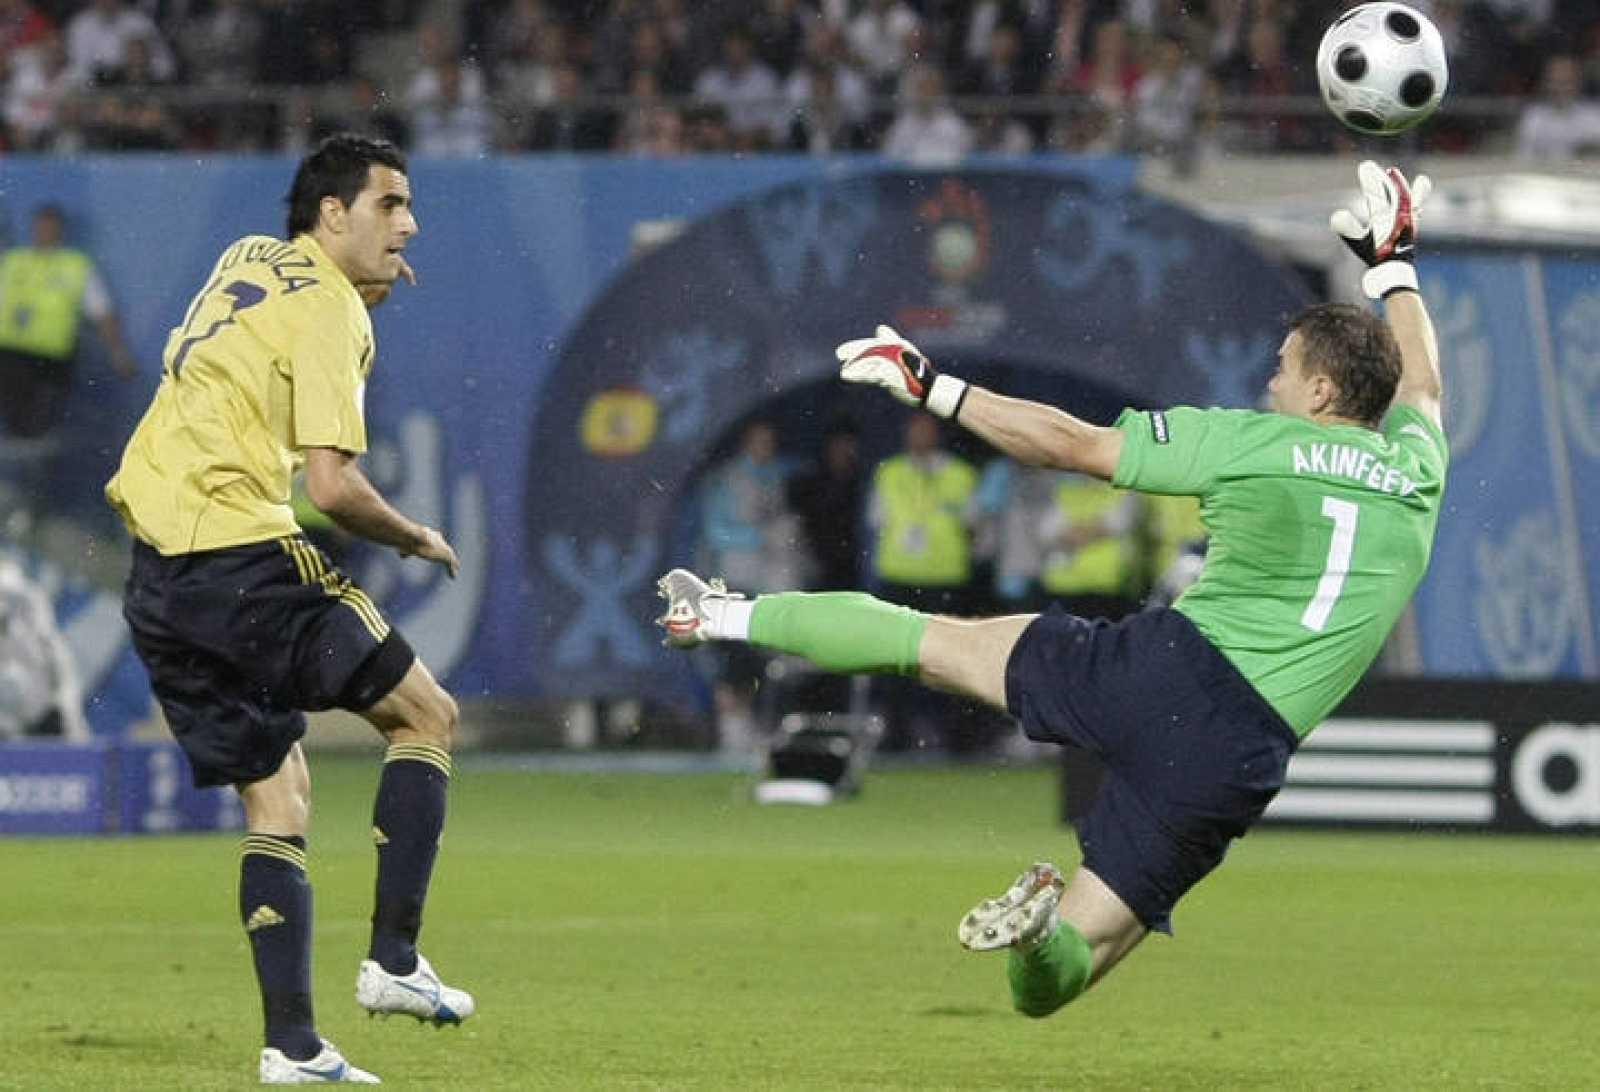 Güiza culmina con una vaselina la jugada del segundo gol ante Rusia, tras un gran pase de Fábregas.